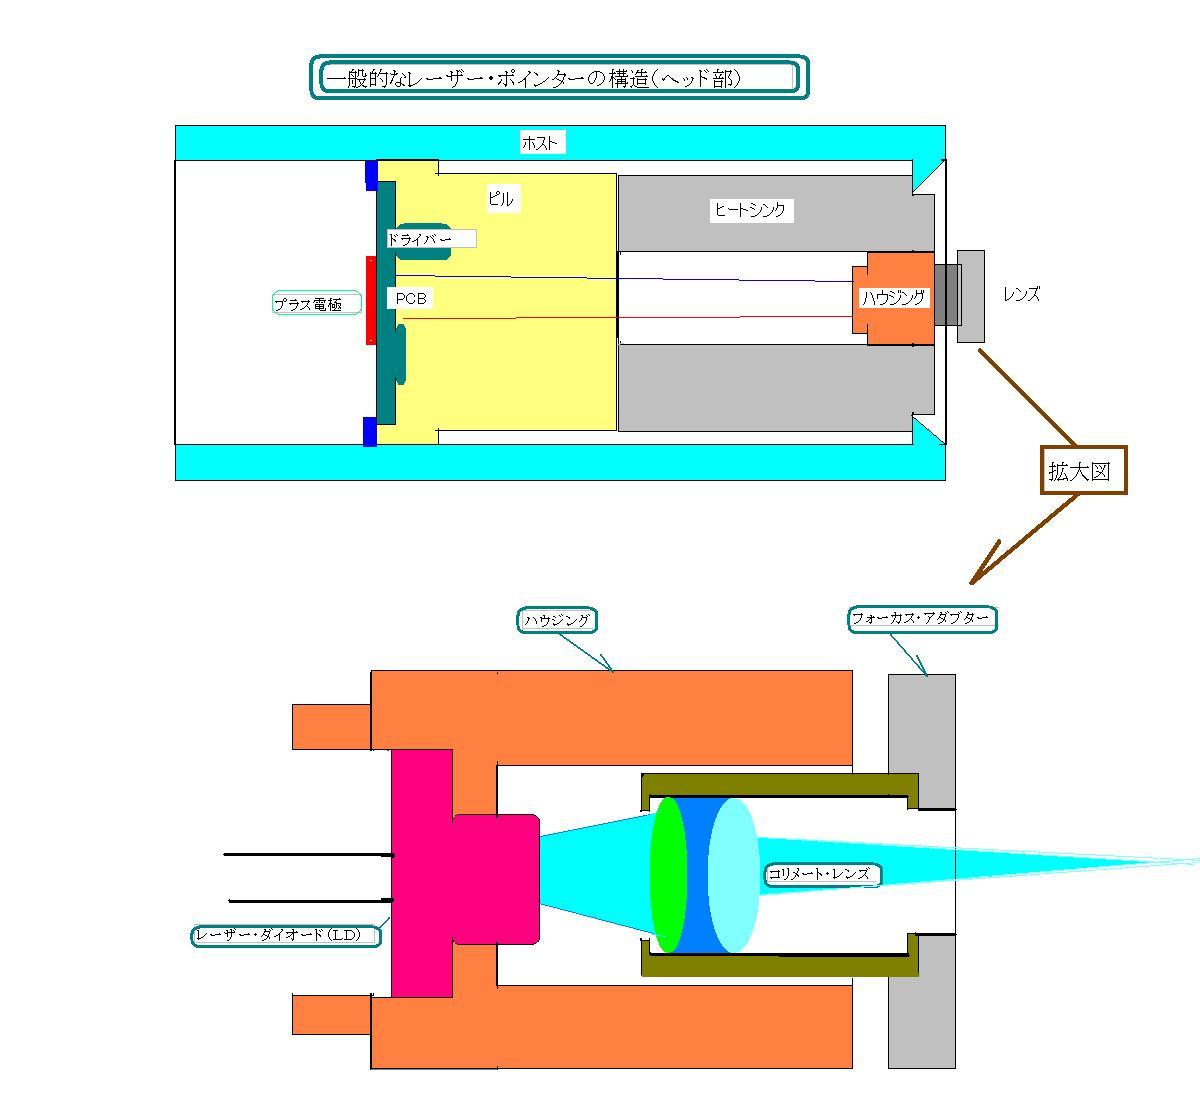 レーザーポインターの構造